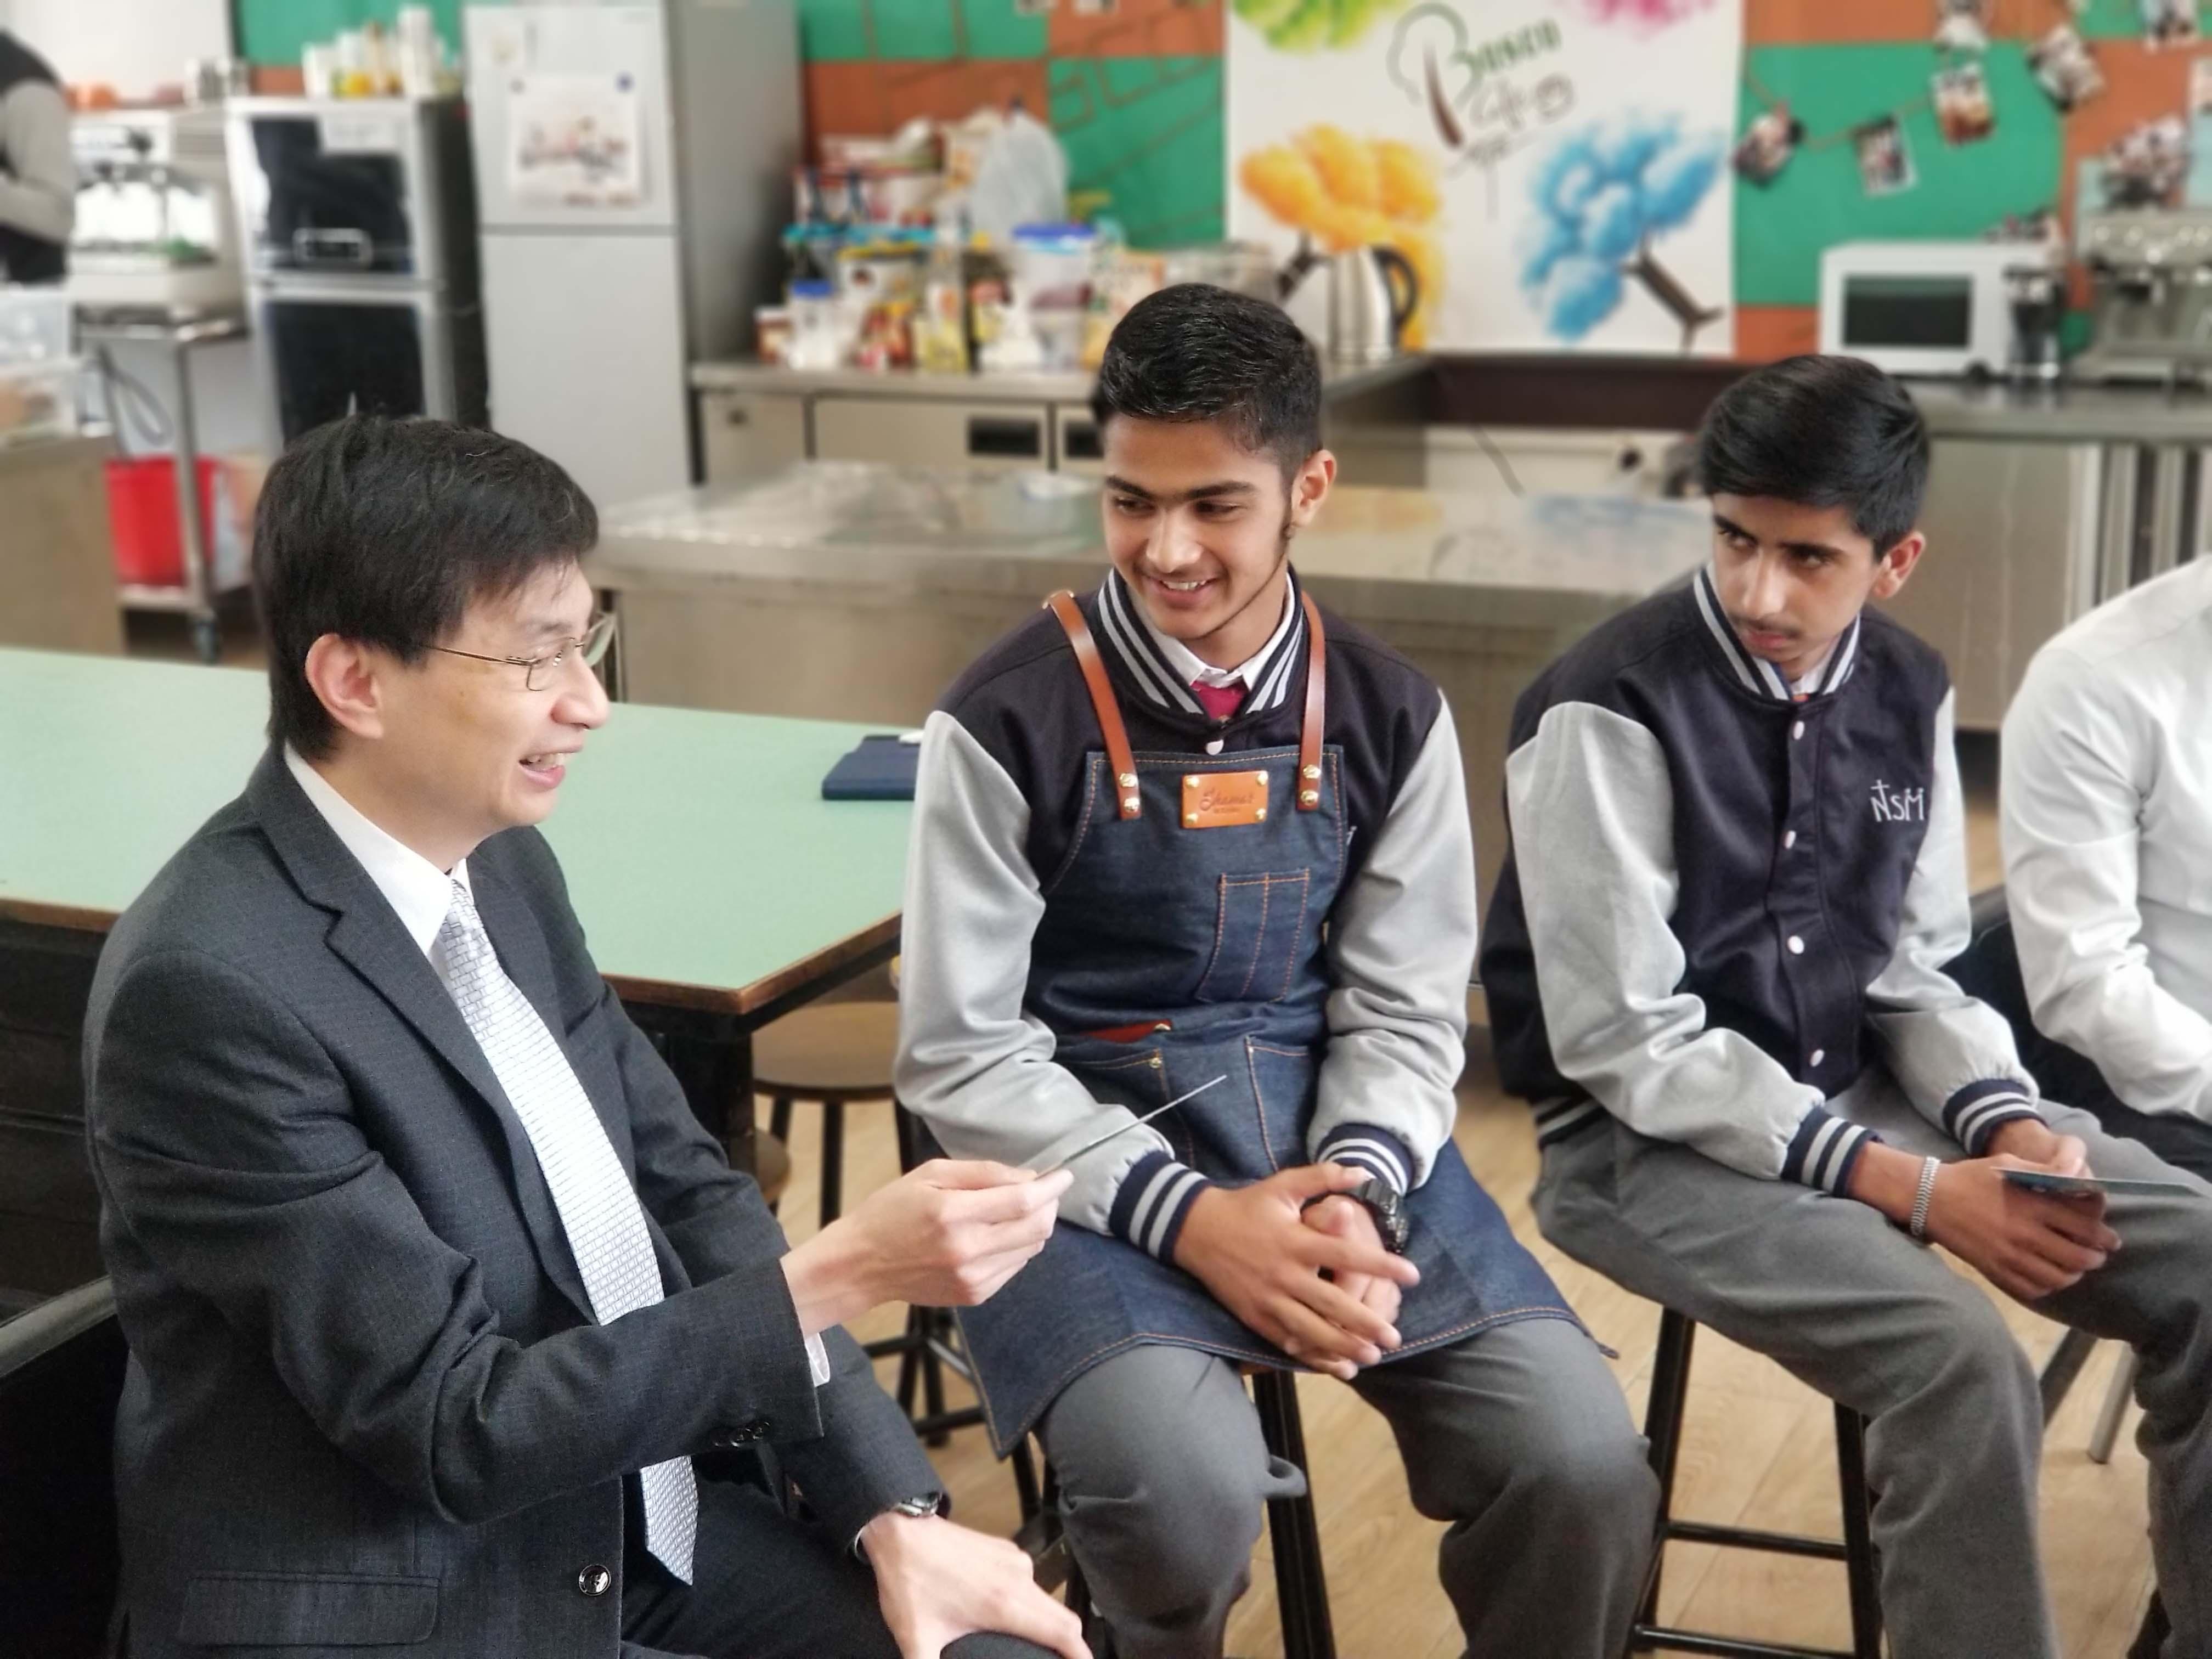 天主教慈幼會伍少梅中學的蔡海偉先生來訪相片2